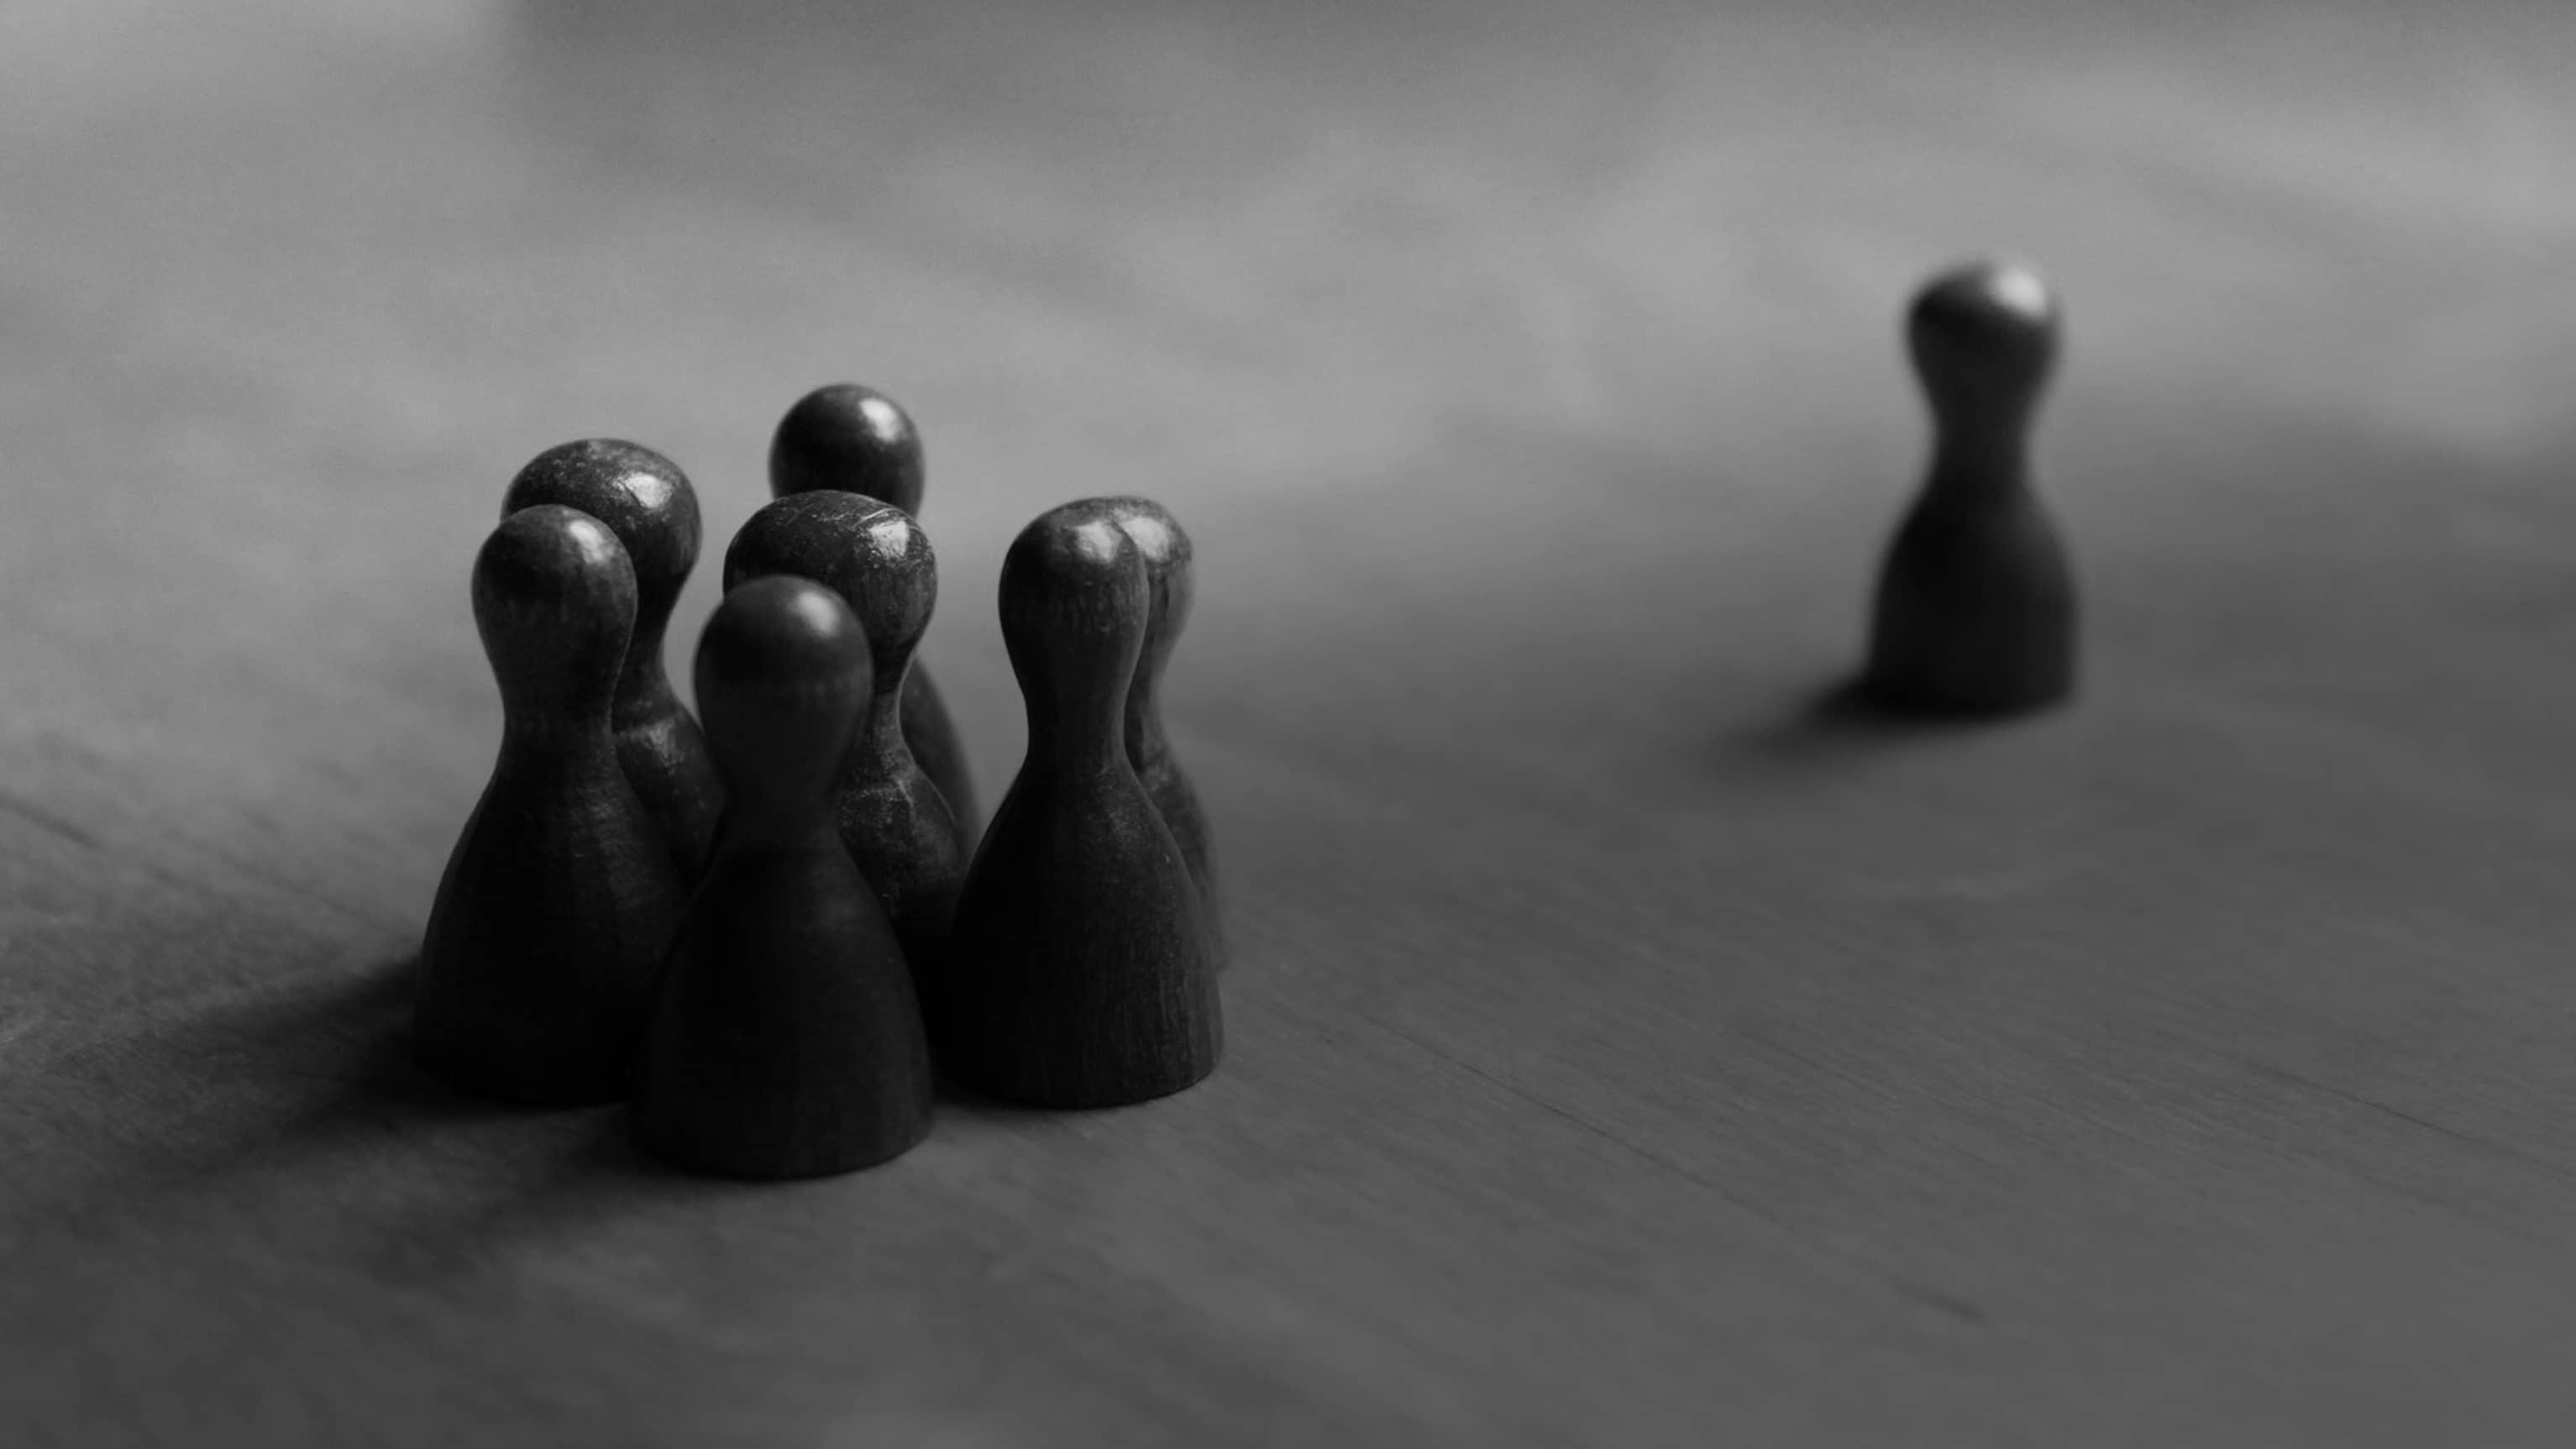 چالش بزرگ مبارزه با اشکال تبعیض در جامعه